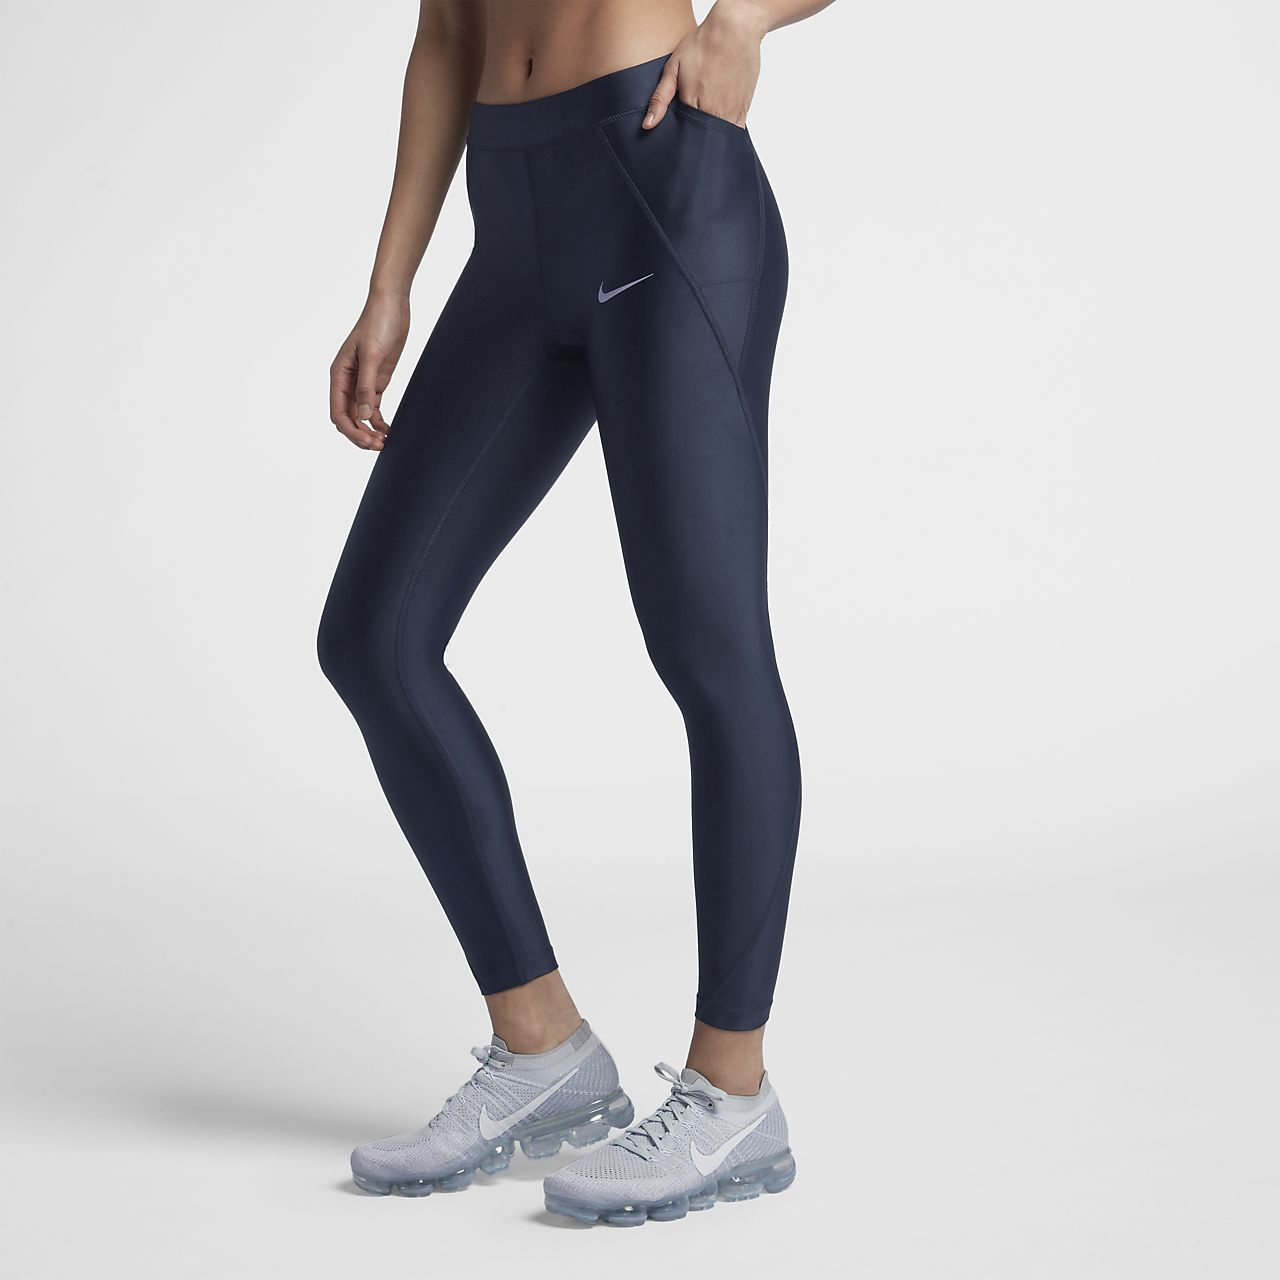 purchase cheap 32859 6ede8 ... Löpartights Nike Speed i 7 8-längd med mellanhög midja för kvinnor